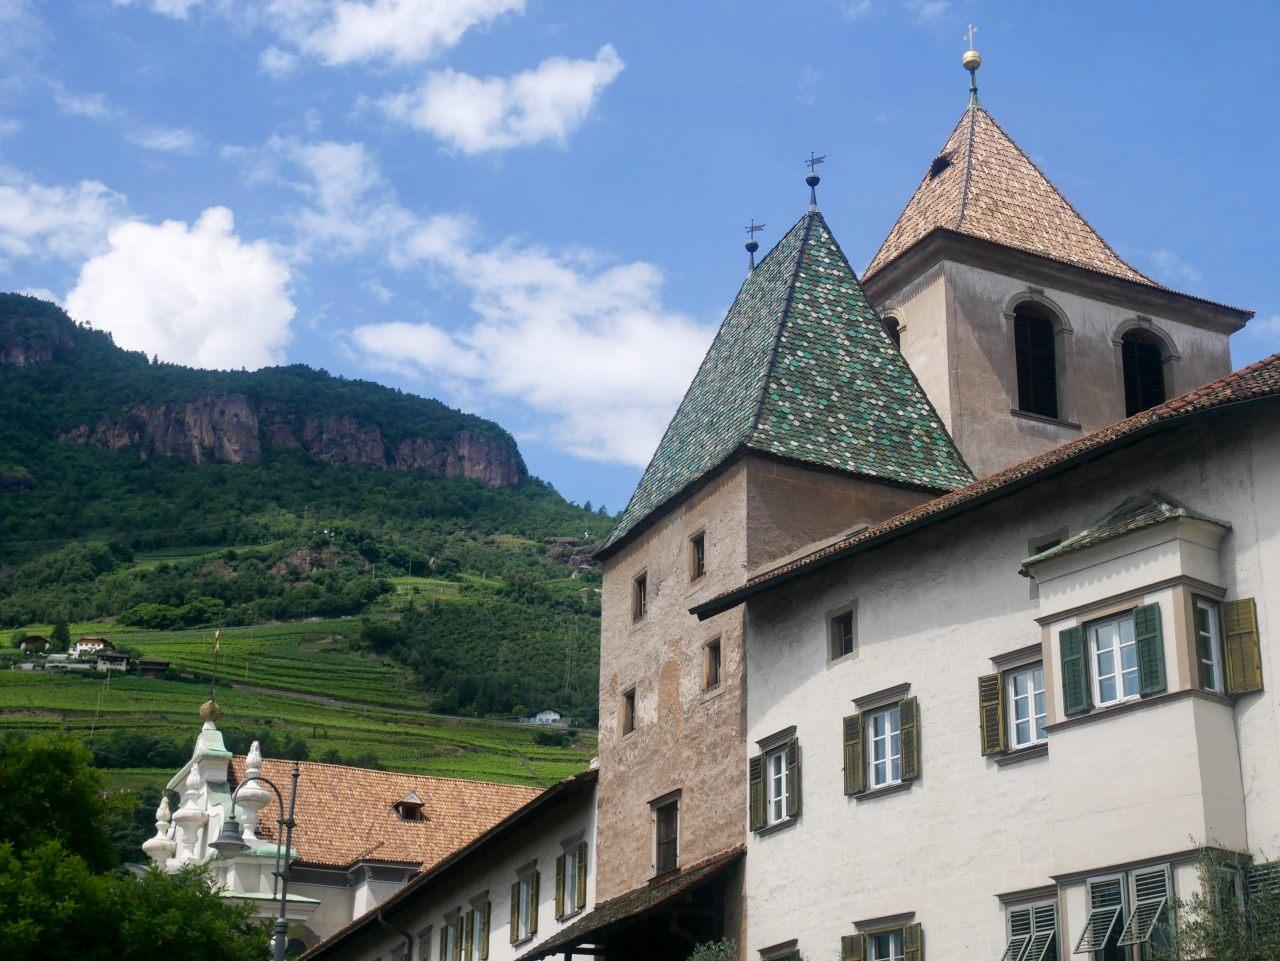 3 jours dans le sud-tyrol: bolzano/bozen, le camp de base idéal